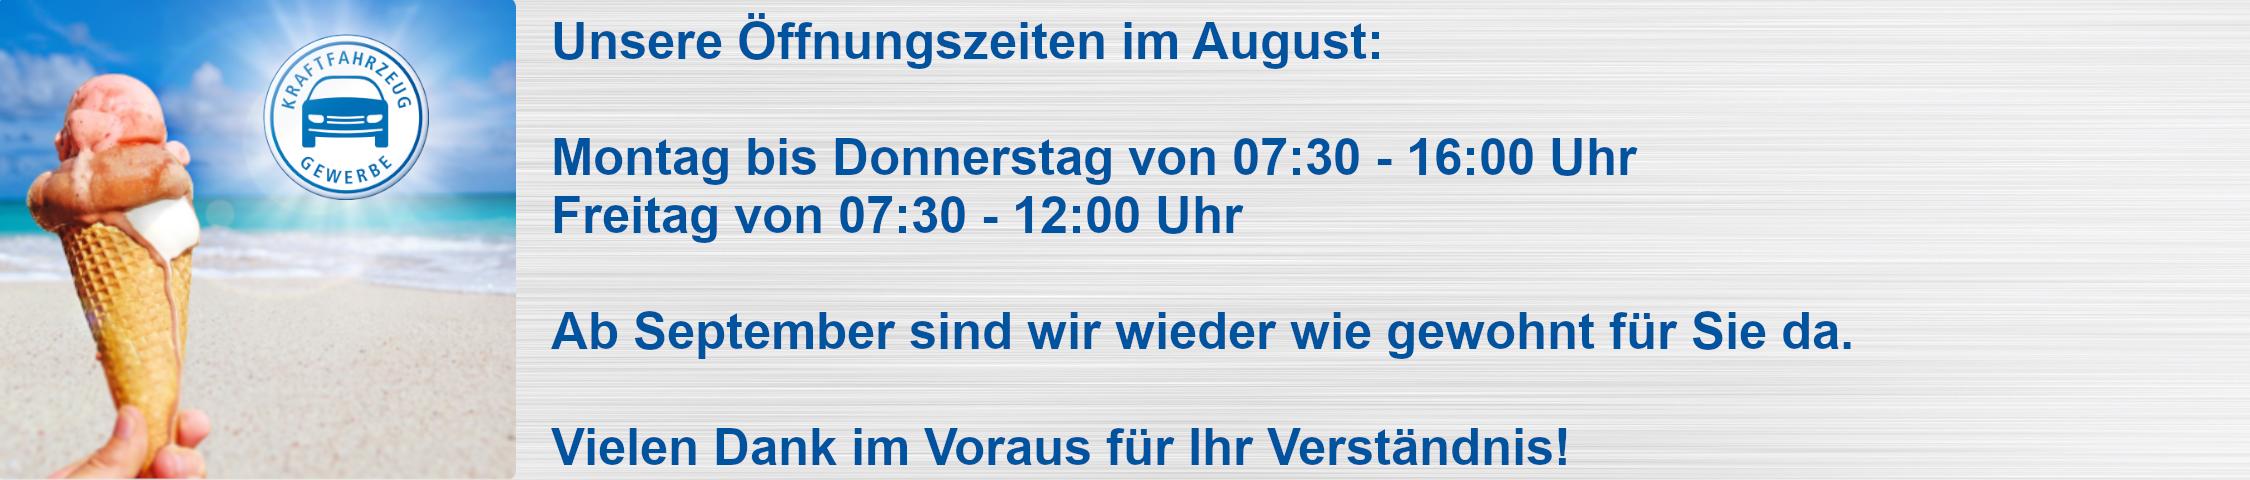 Öffnungszeiten im August